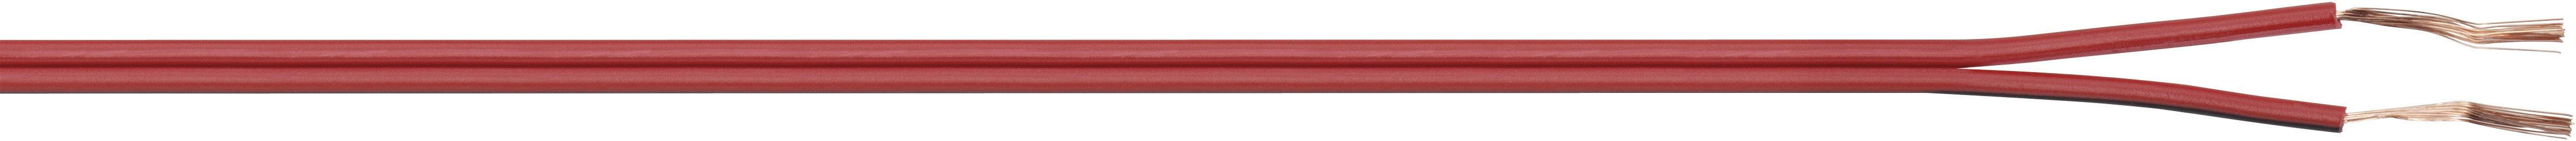 Opletenie / lanko LiY-Z LappKabel LiY-Z, 2 x 0.14 mm², červená, čierna, metrový tovar